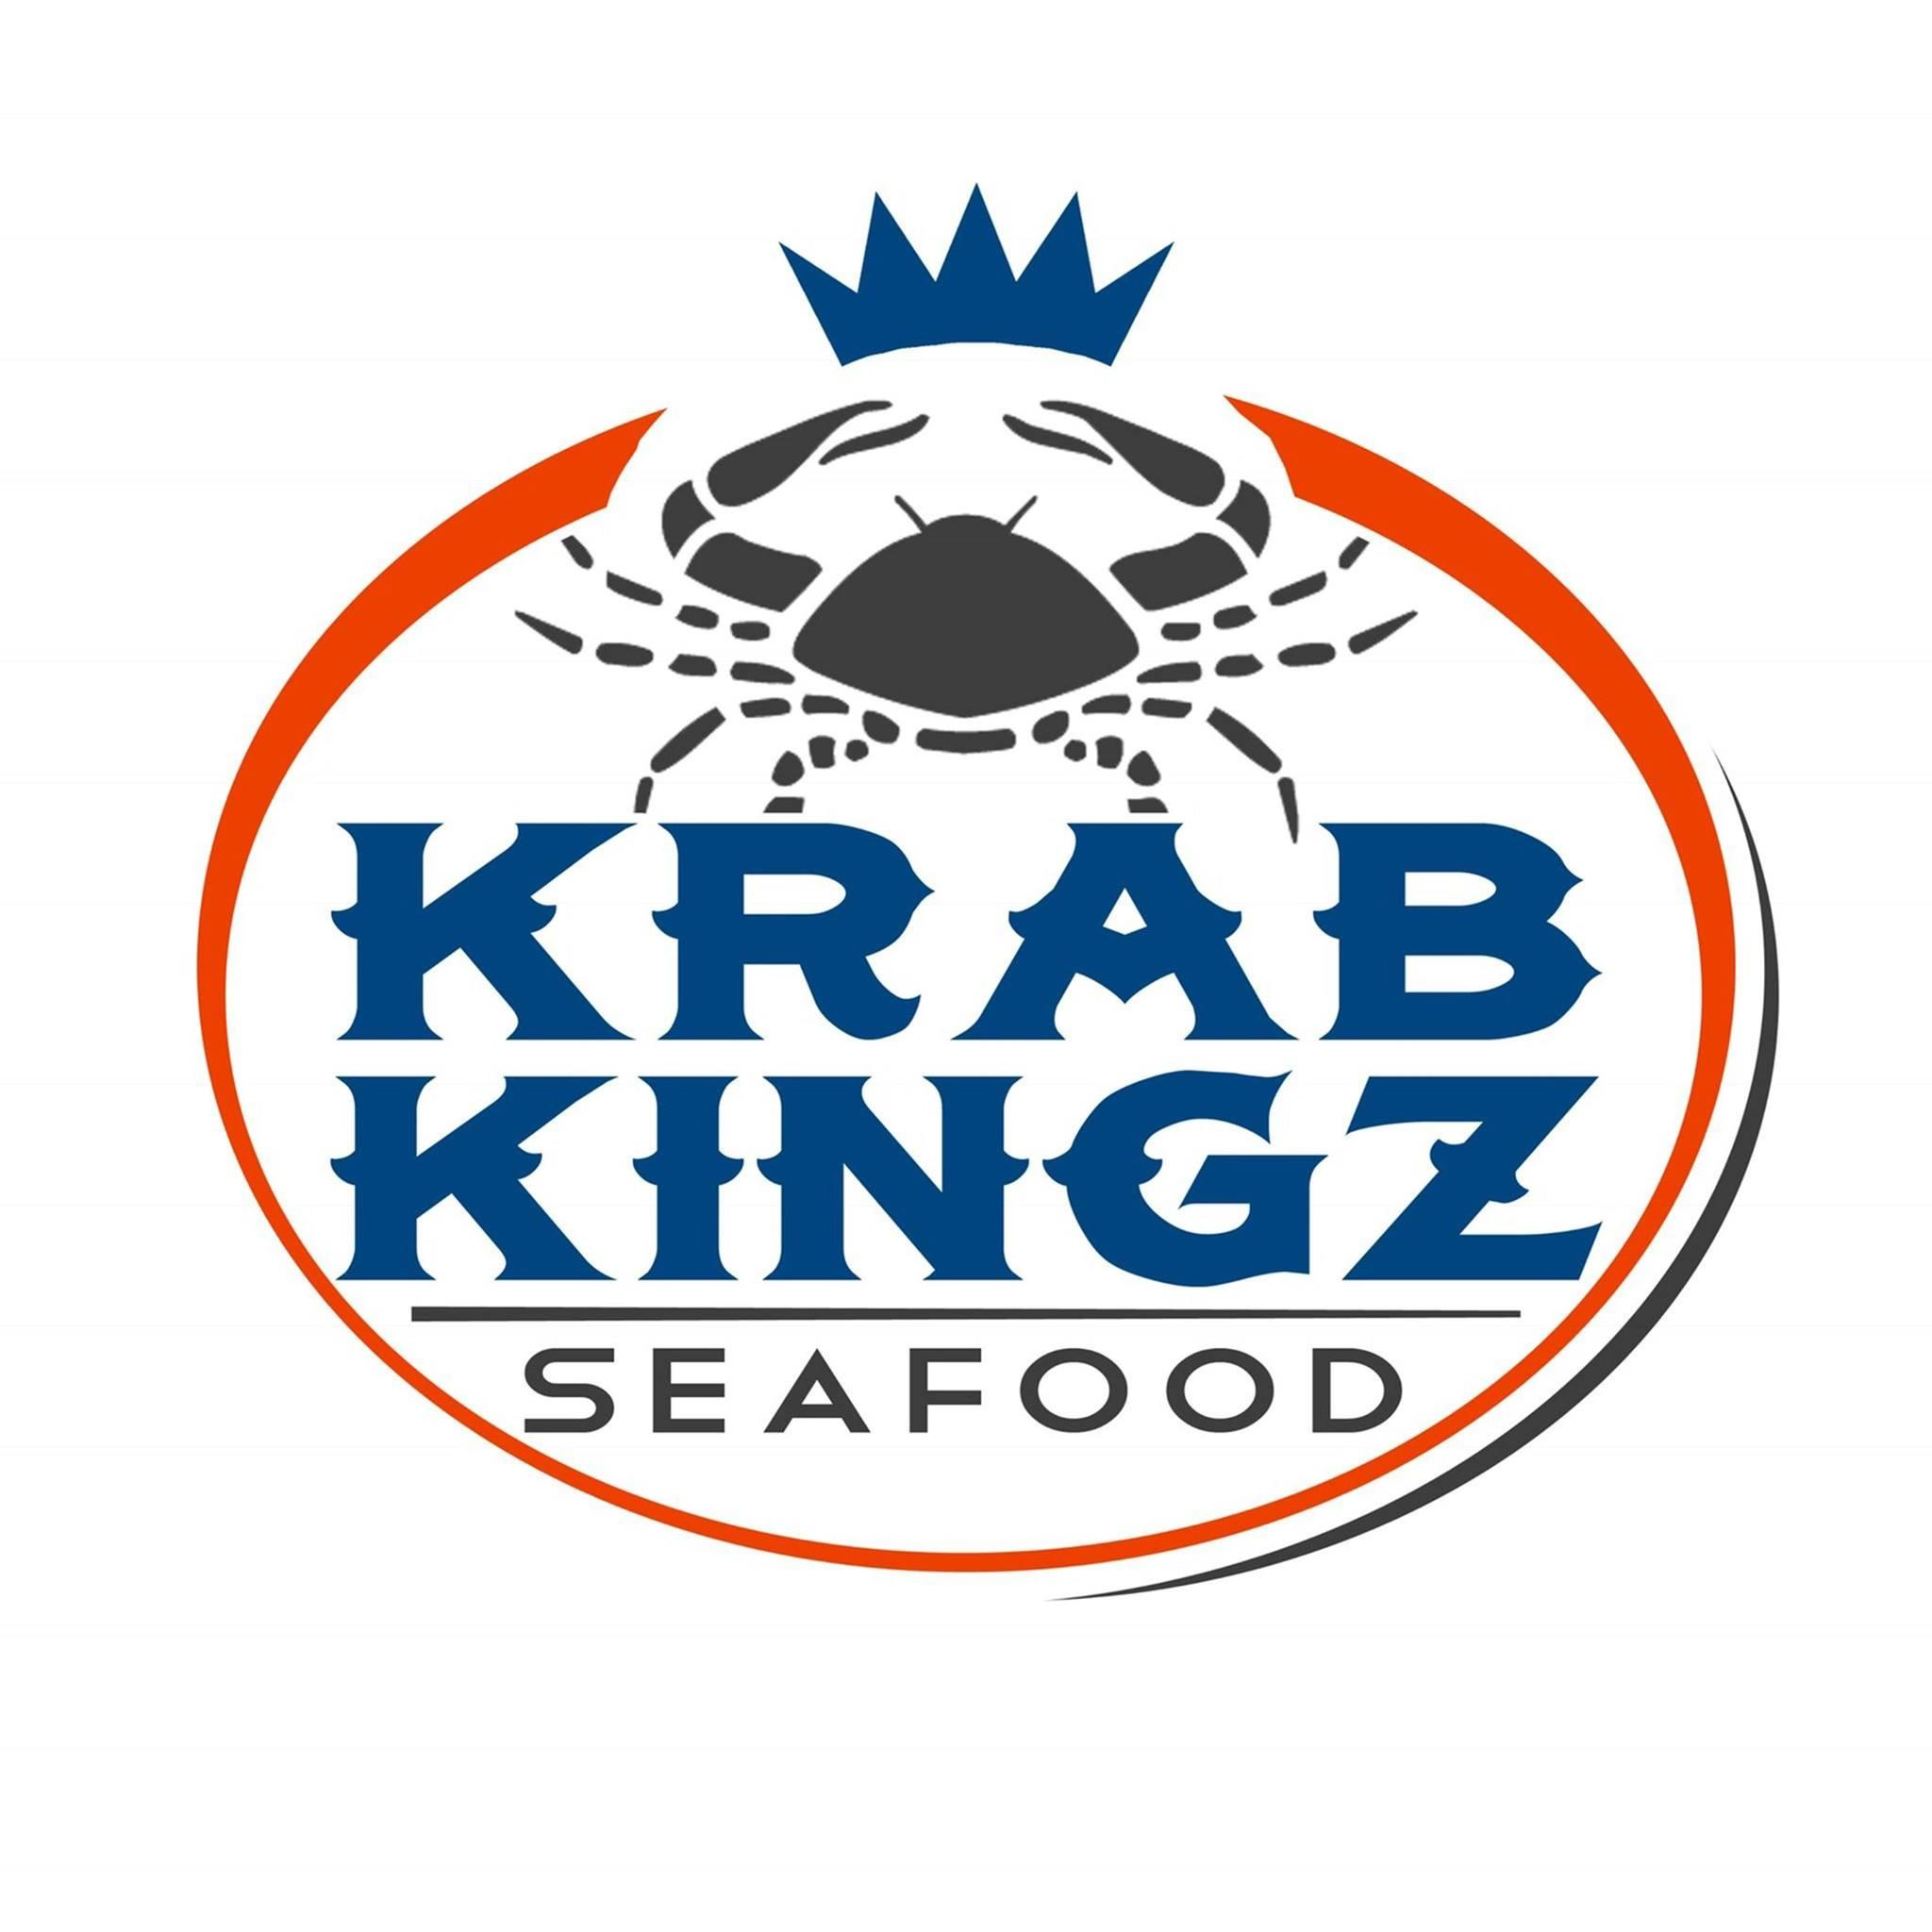 Krab Kingz 7